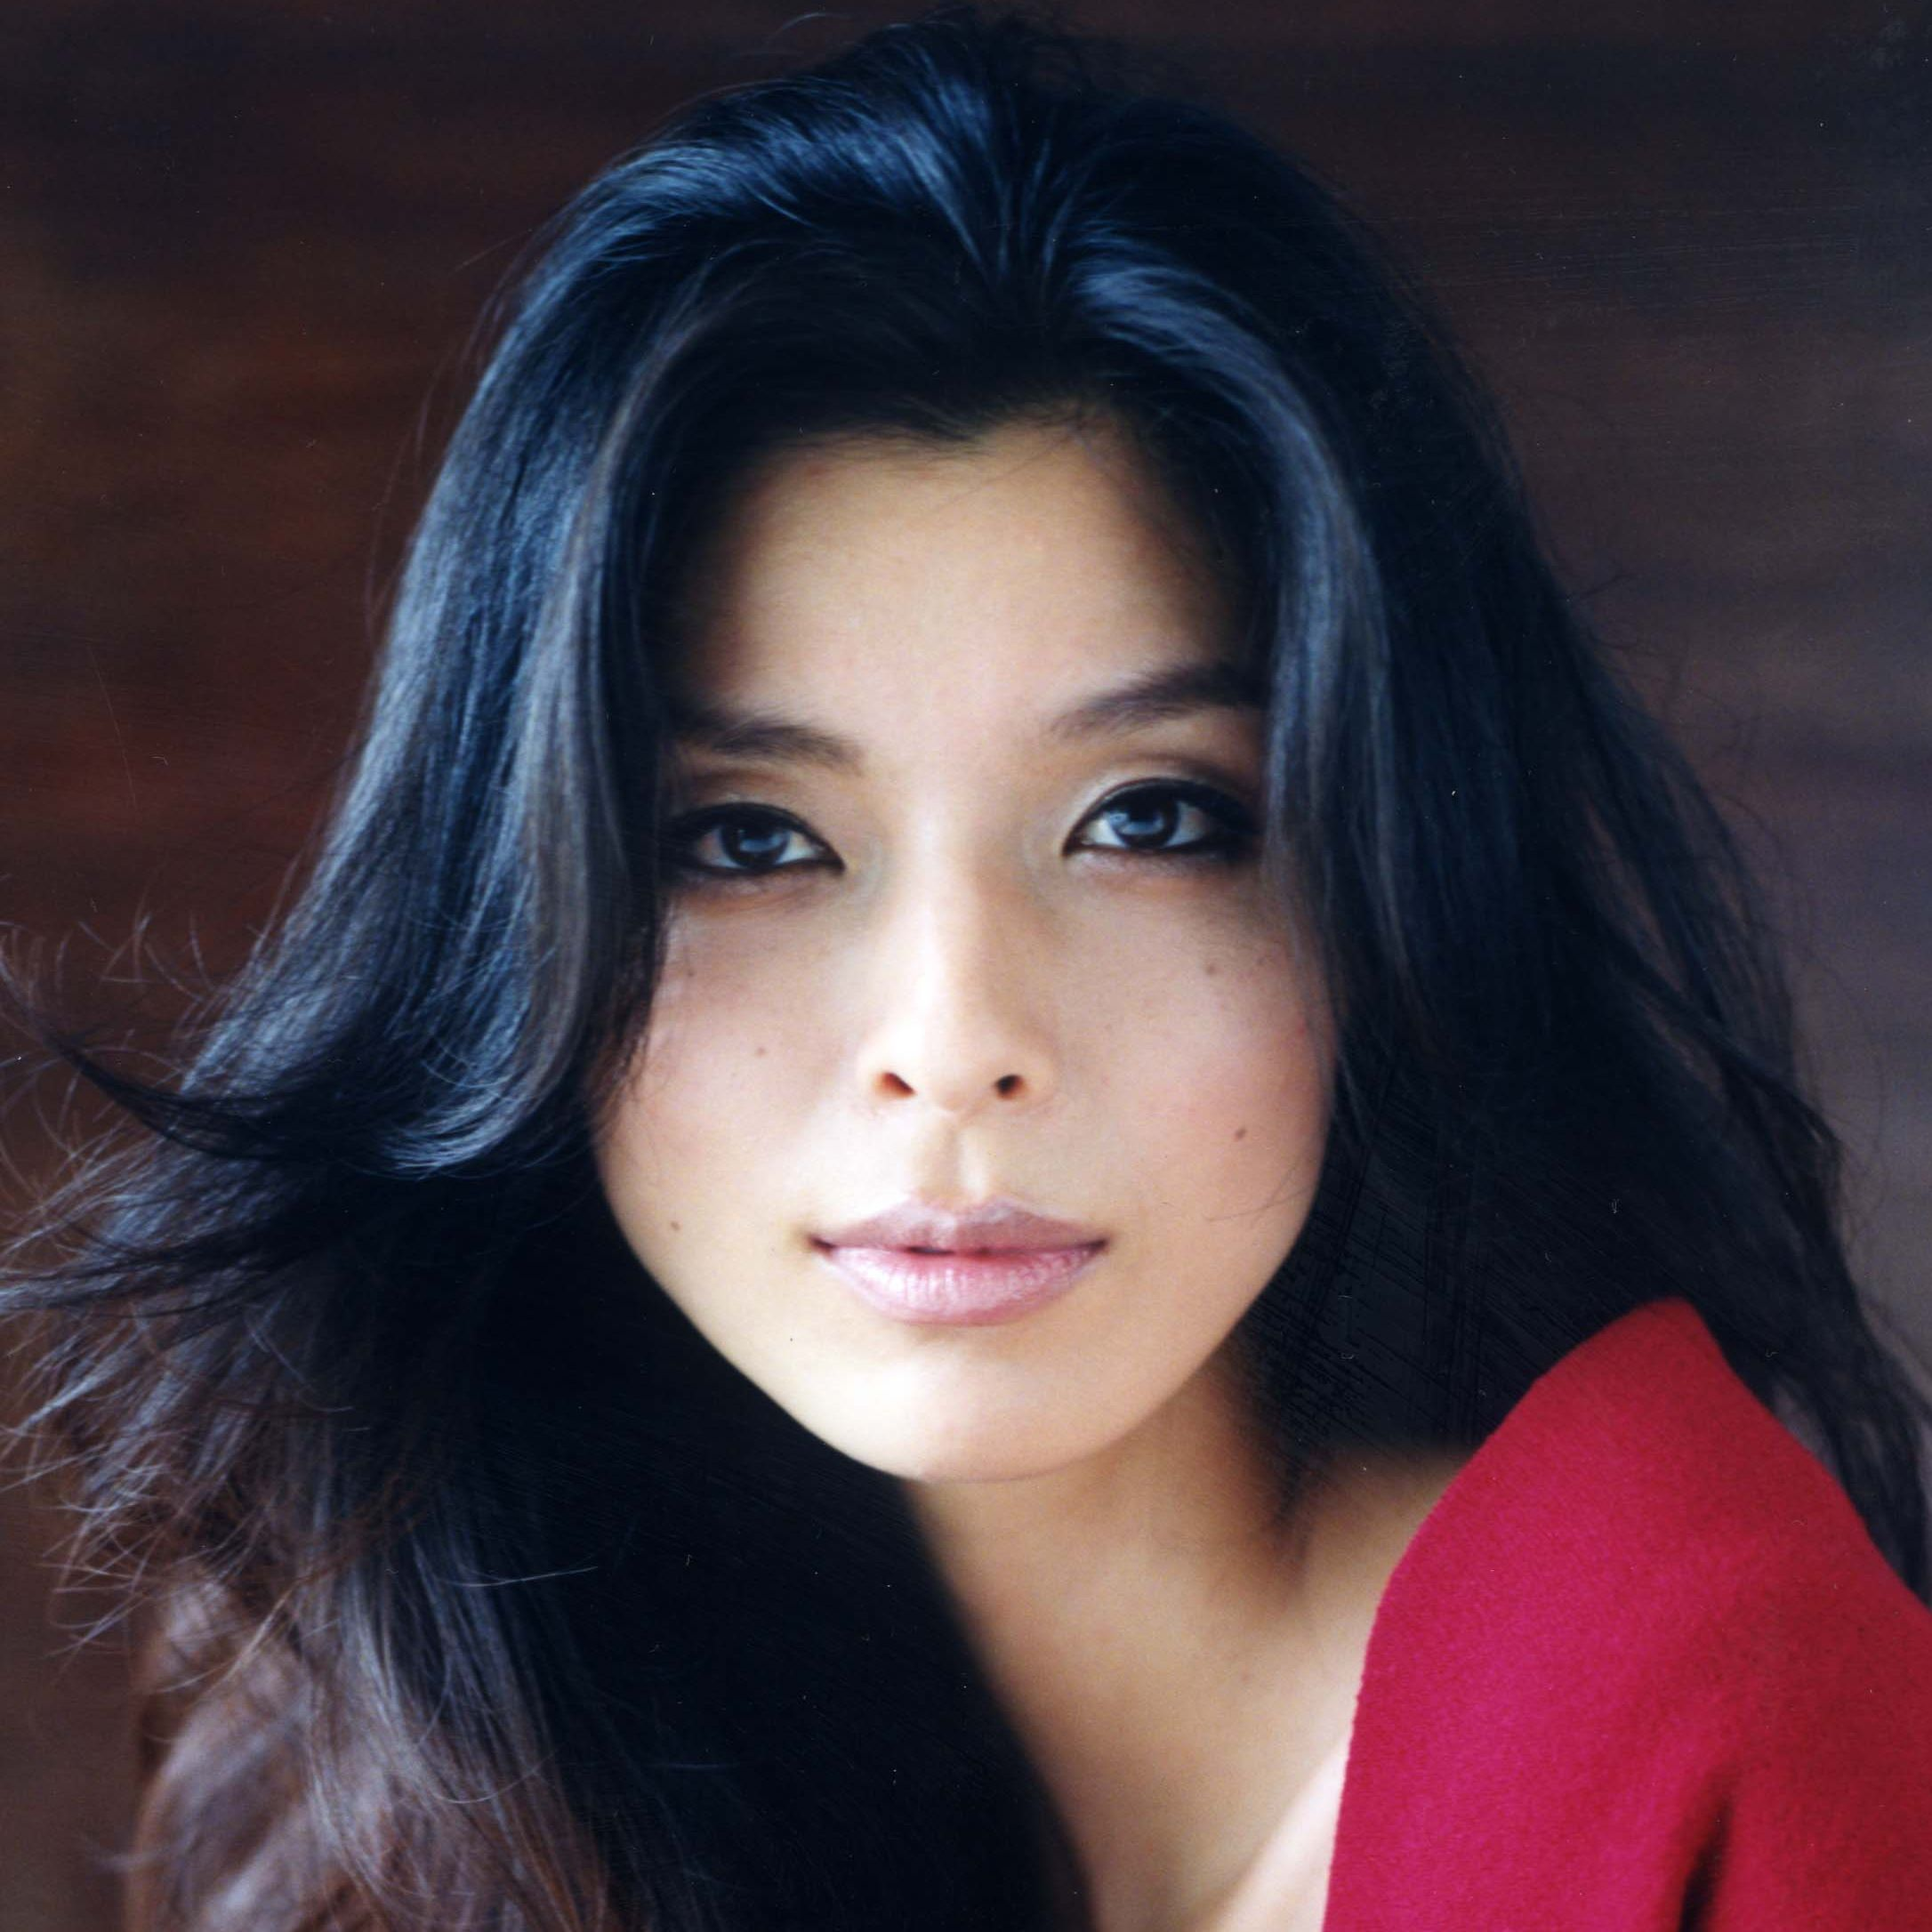 田波涼子の画像 p1_19